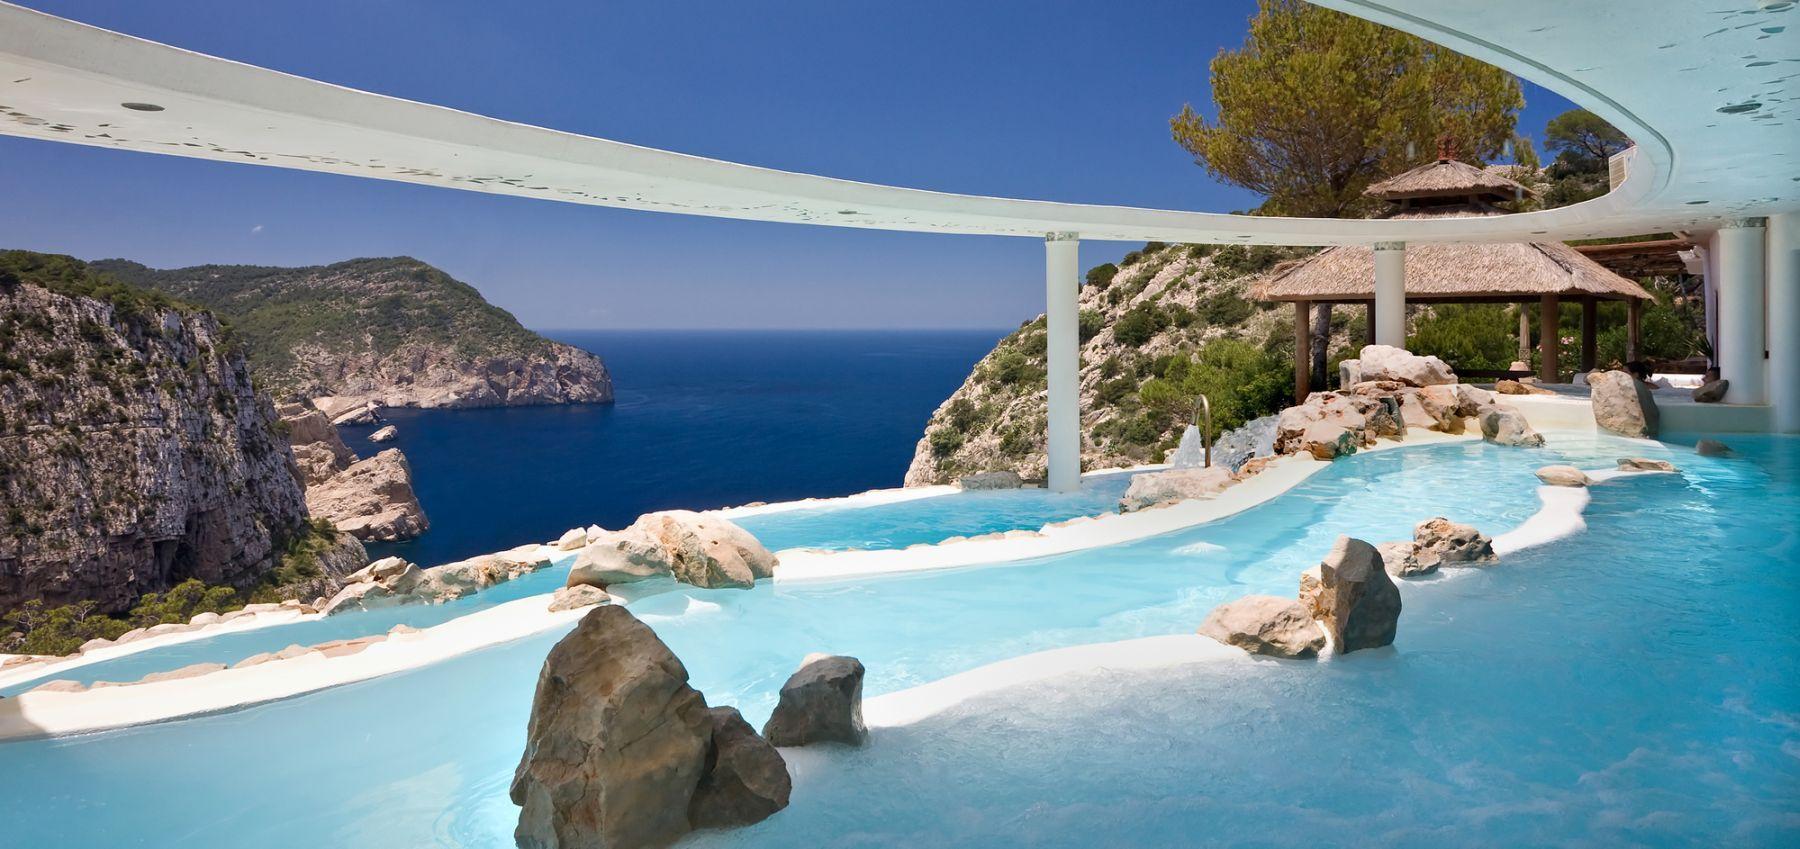 Infinity Pool Deutschland spektakulär schöne pool hotels in denen wir sofort abtauchen wollen